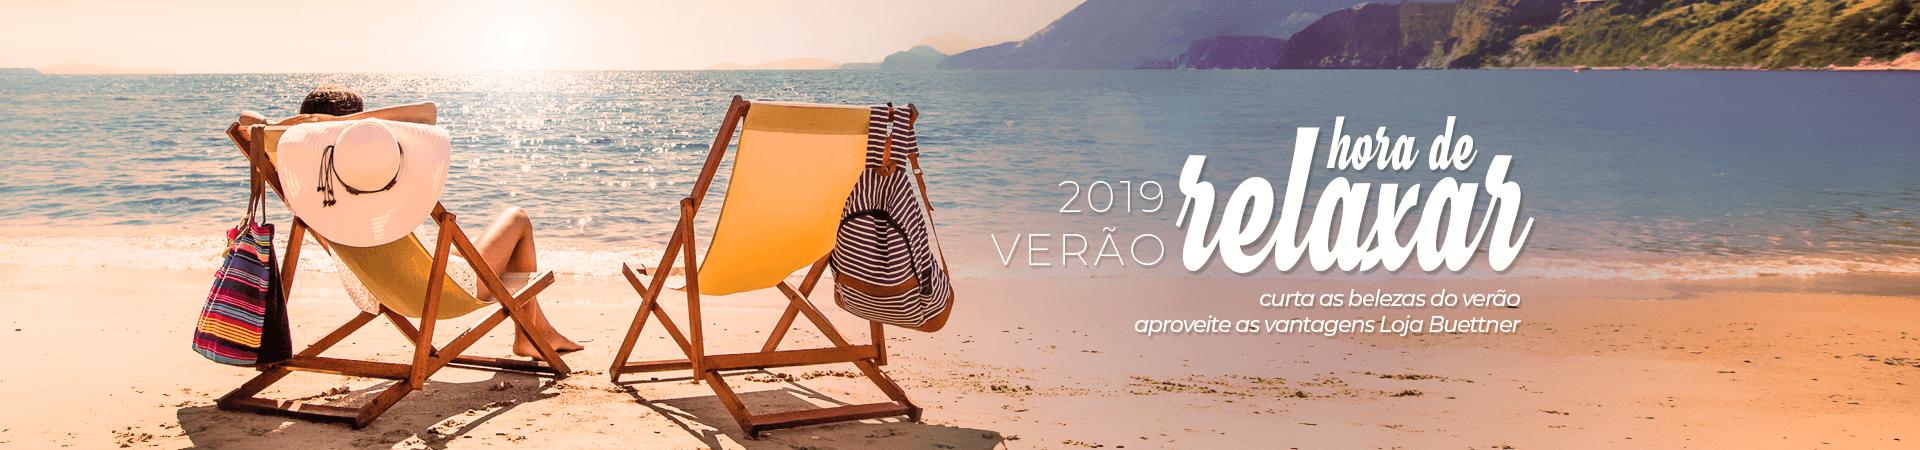 É hora de Relaxar! Verão 2019 - Curta as belezas do verão, aproveite as vantagens Loja Buettner | Aproveite!